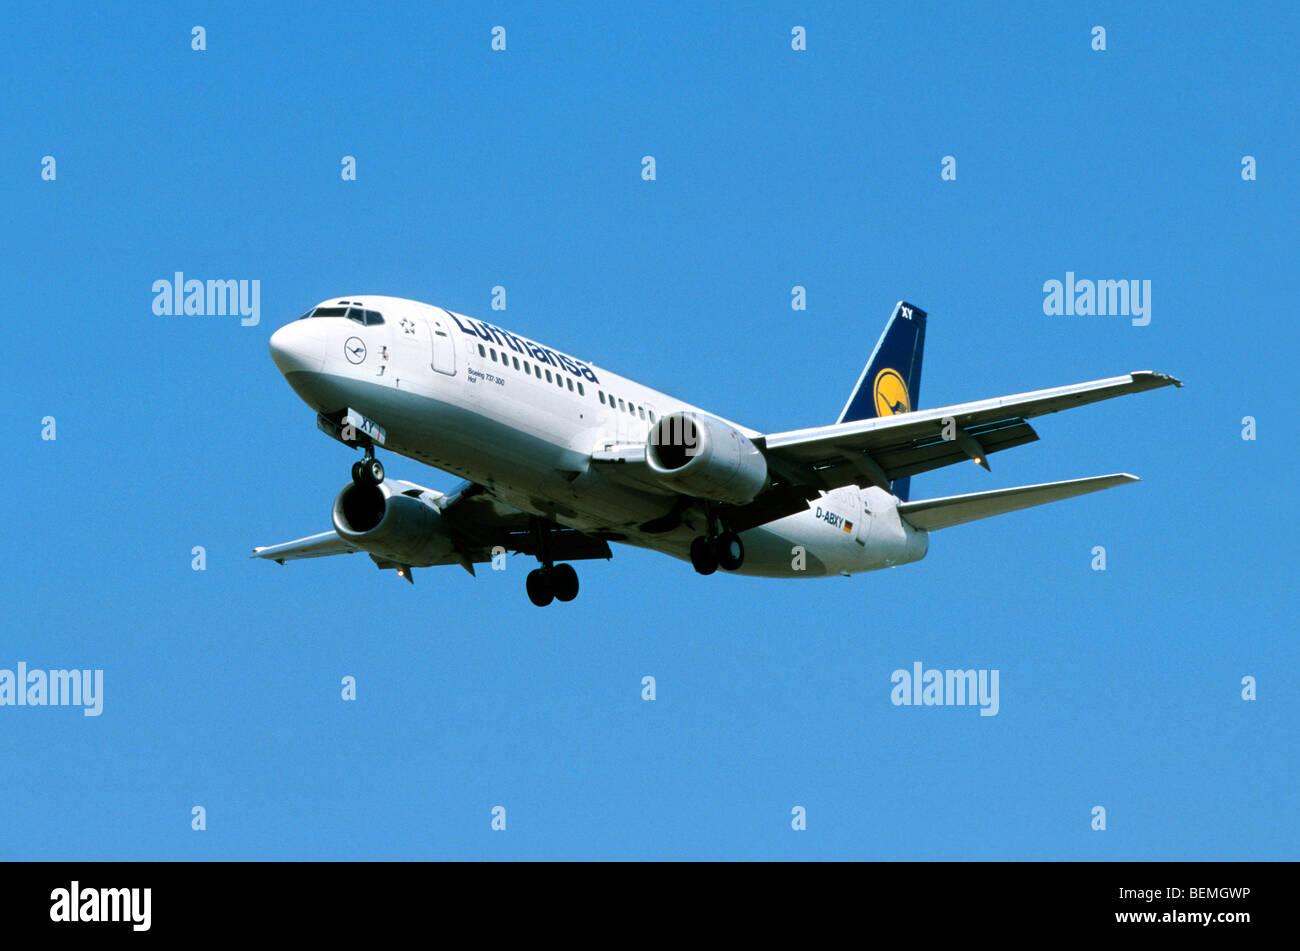 Flugzeug fliegen gegen blauen Himmel Stockbild